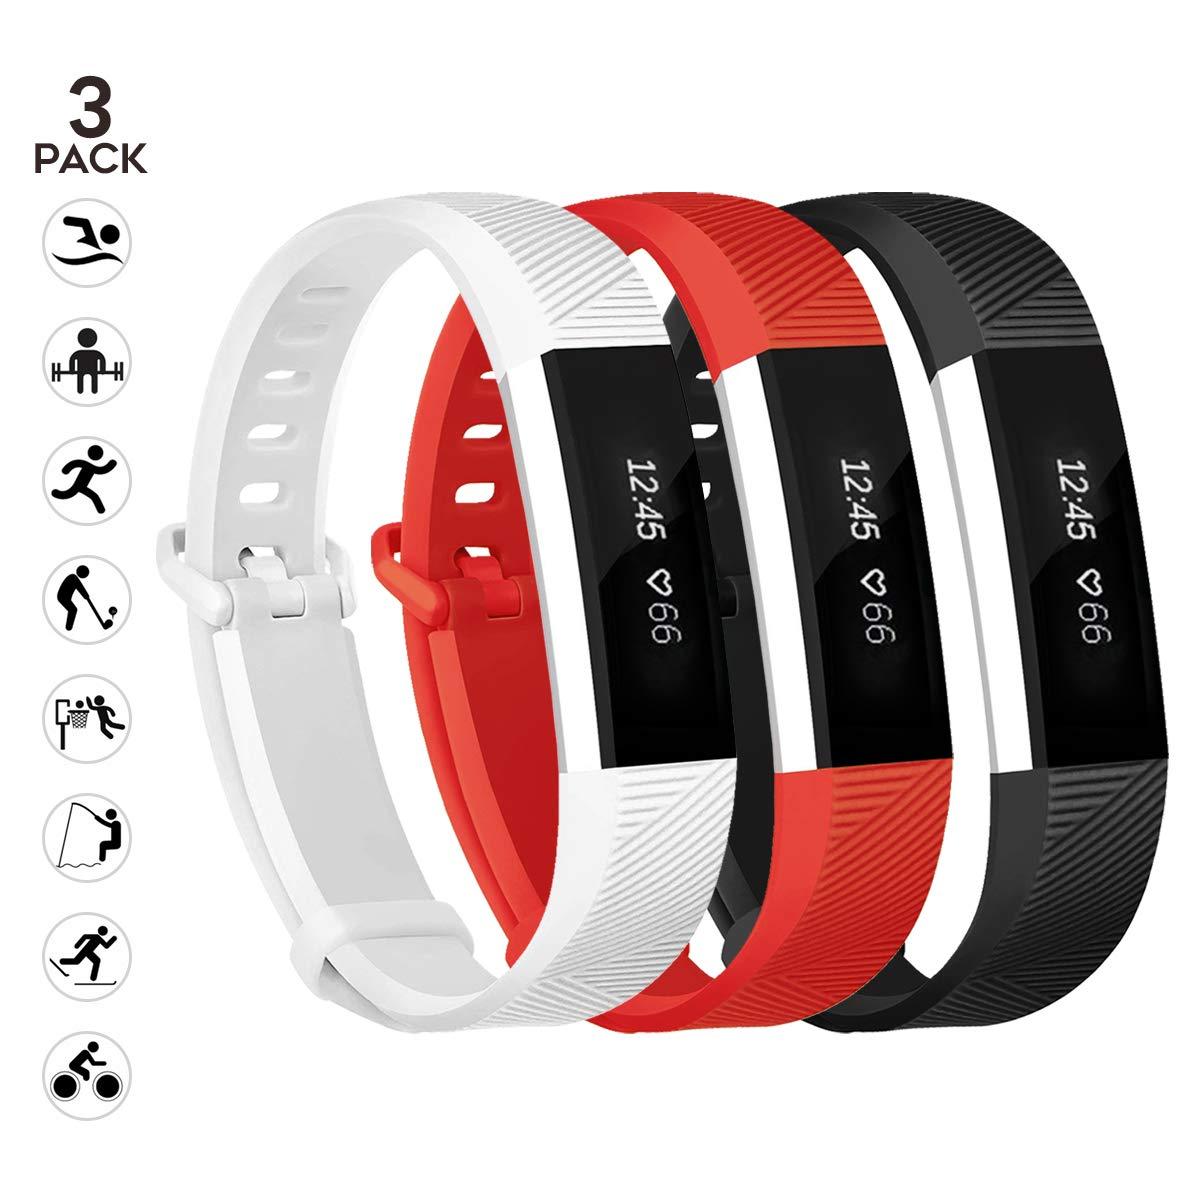 最新HRとALTAバンドFitbit ALTA交換、sunyfeel 12色ファッションスポーツシリコンPersonalized交換用ブレスレットwith Metal Clasp for Fitbit ALTAアルタHR /  1black+White+red B073ZBGZD8